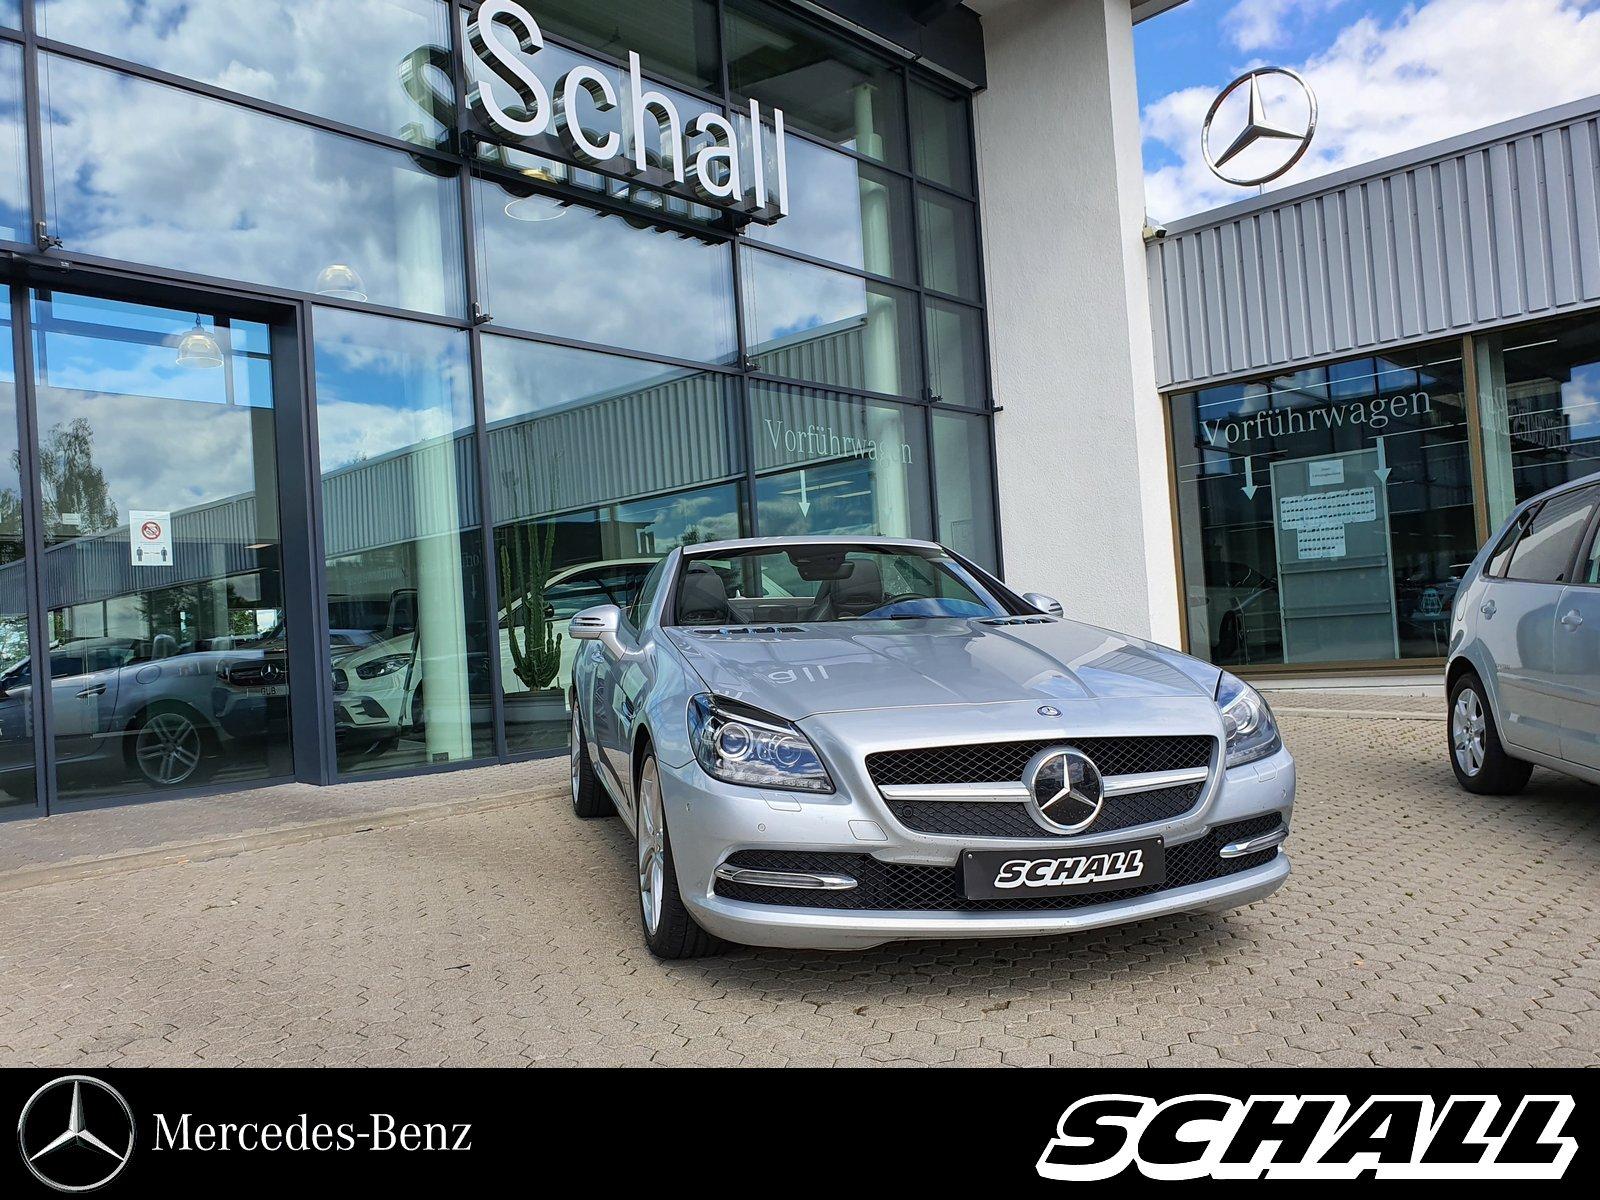 Mercedes-Benz SLK 350 DISTR+HARMAN+AIR+ILS+KEYLESS+MEMORY+AMBI, Jahr 2013, Benzin